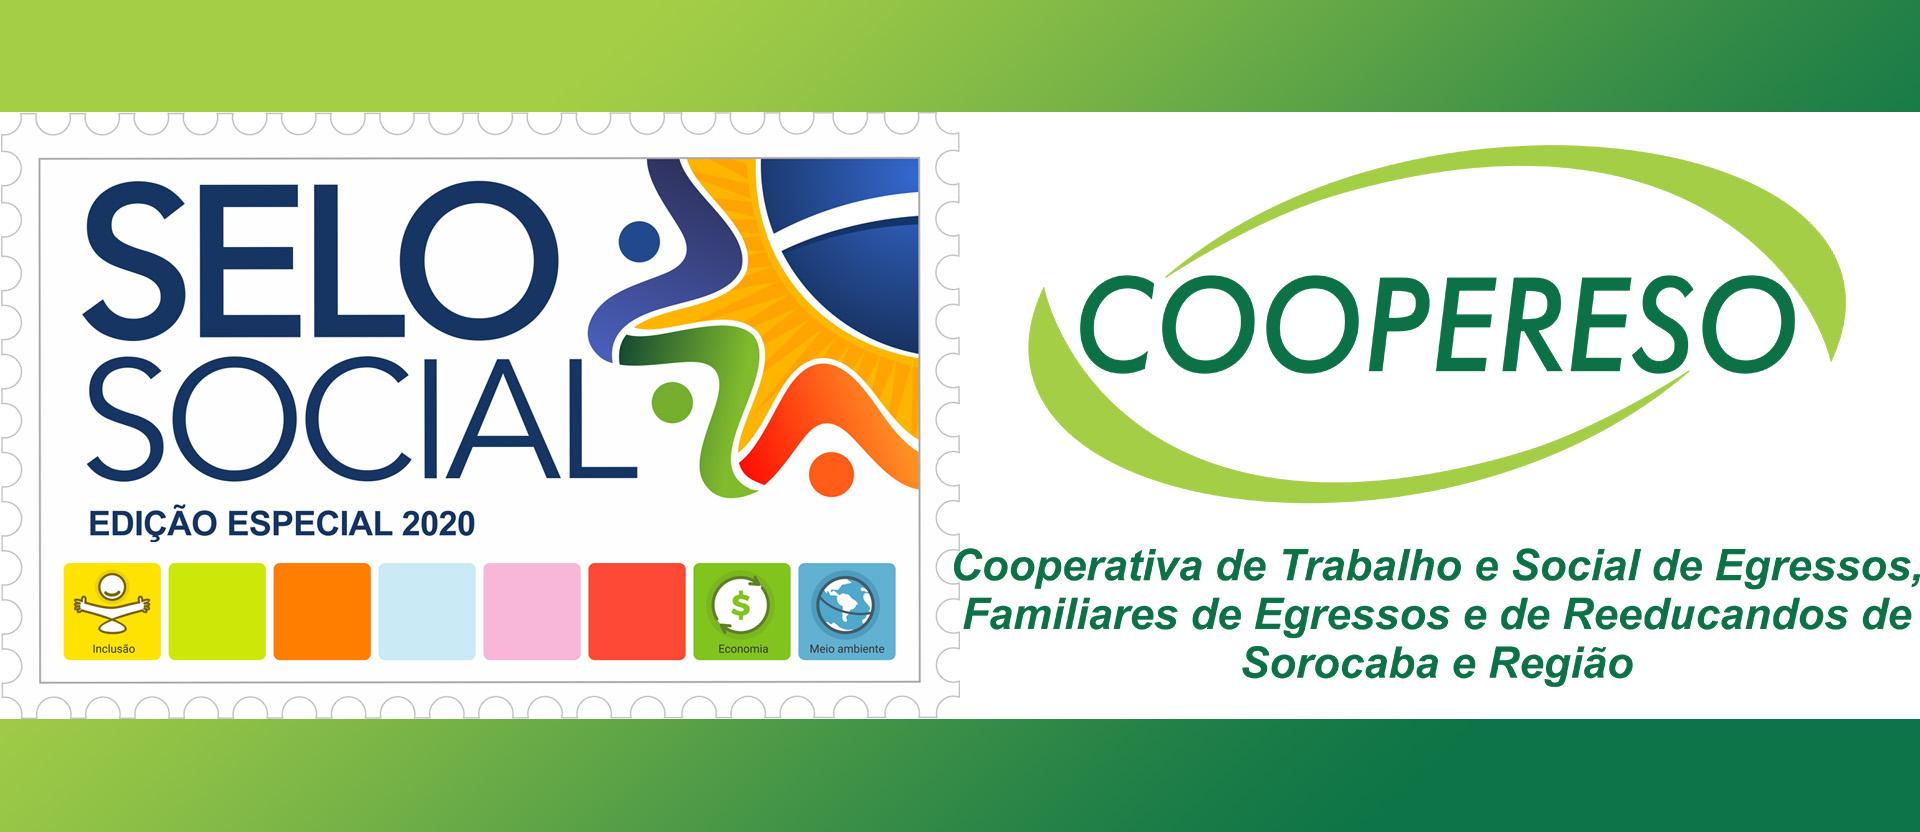 Selo Social  - Coopereso